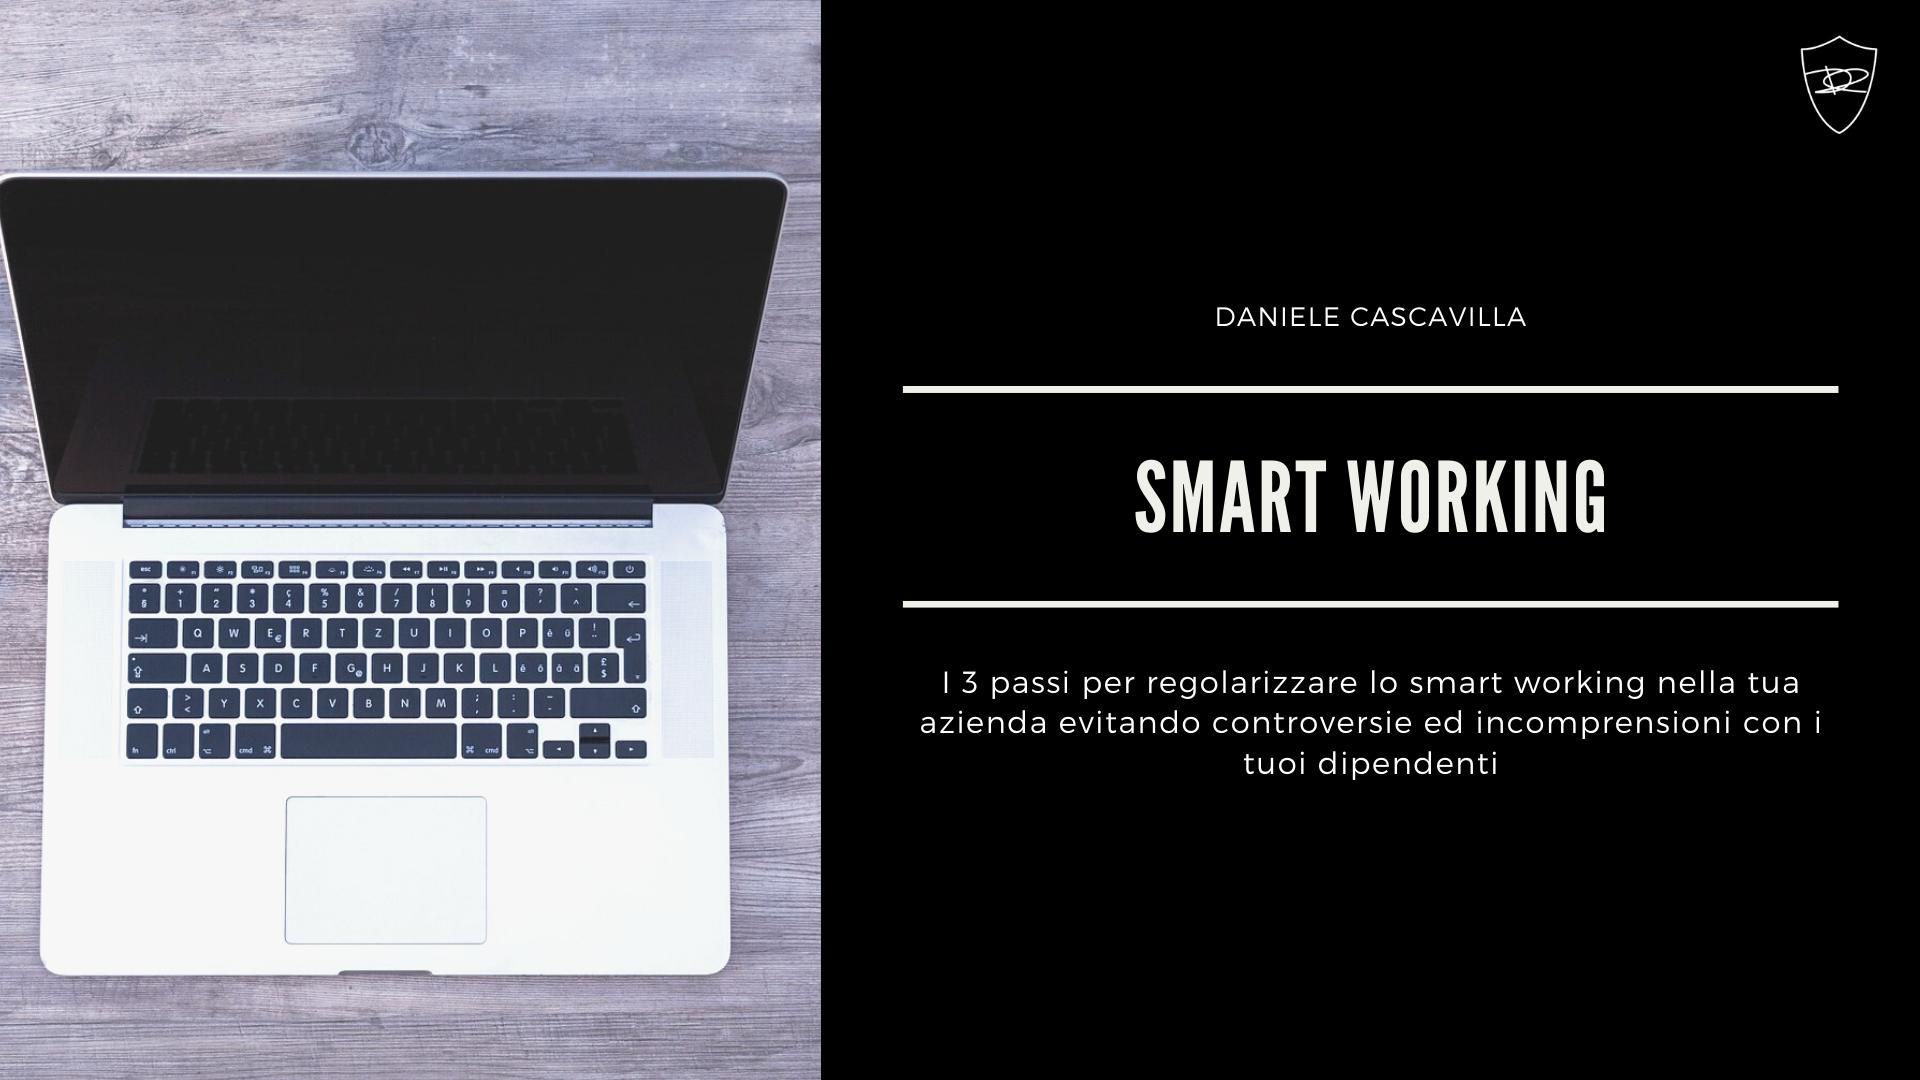 i 3 passi per regolarizzare lo smart working nella tua azienda evitando controversie con i dipendenti